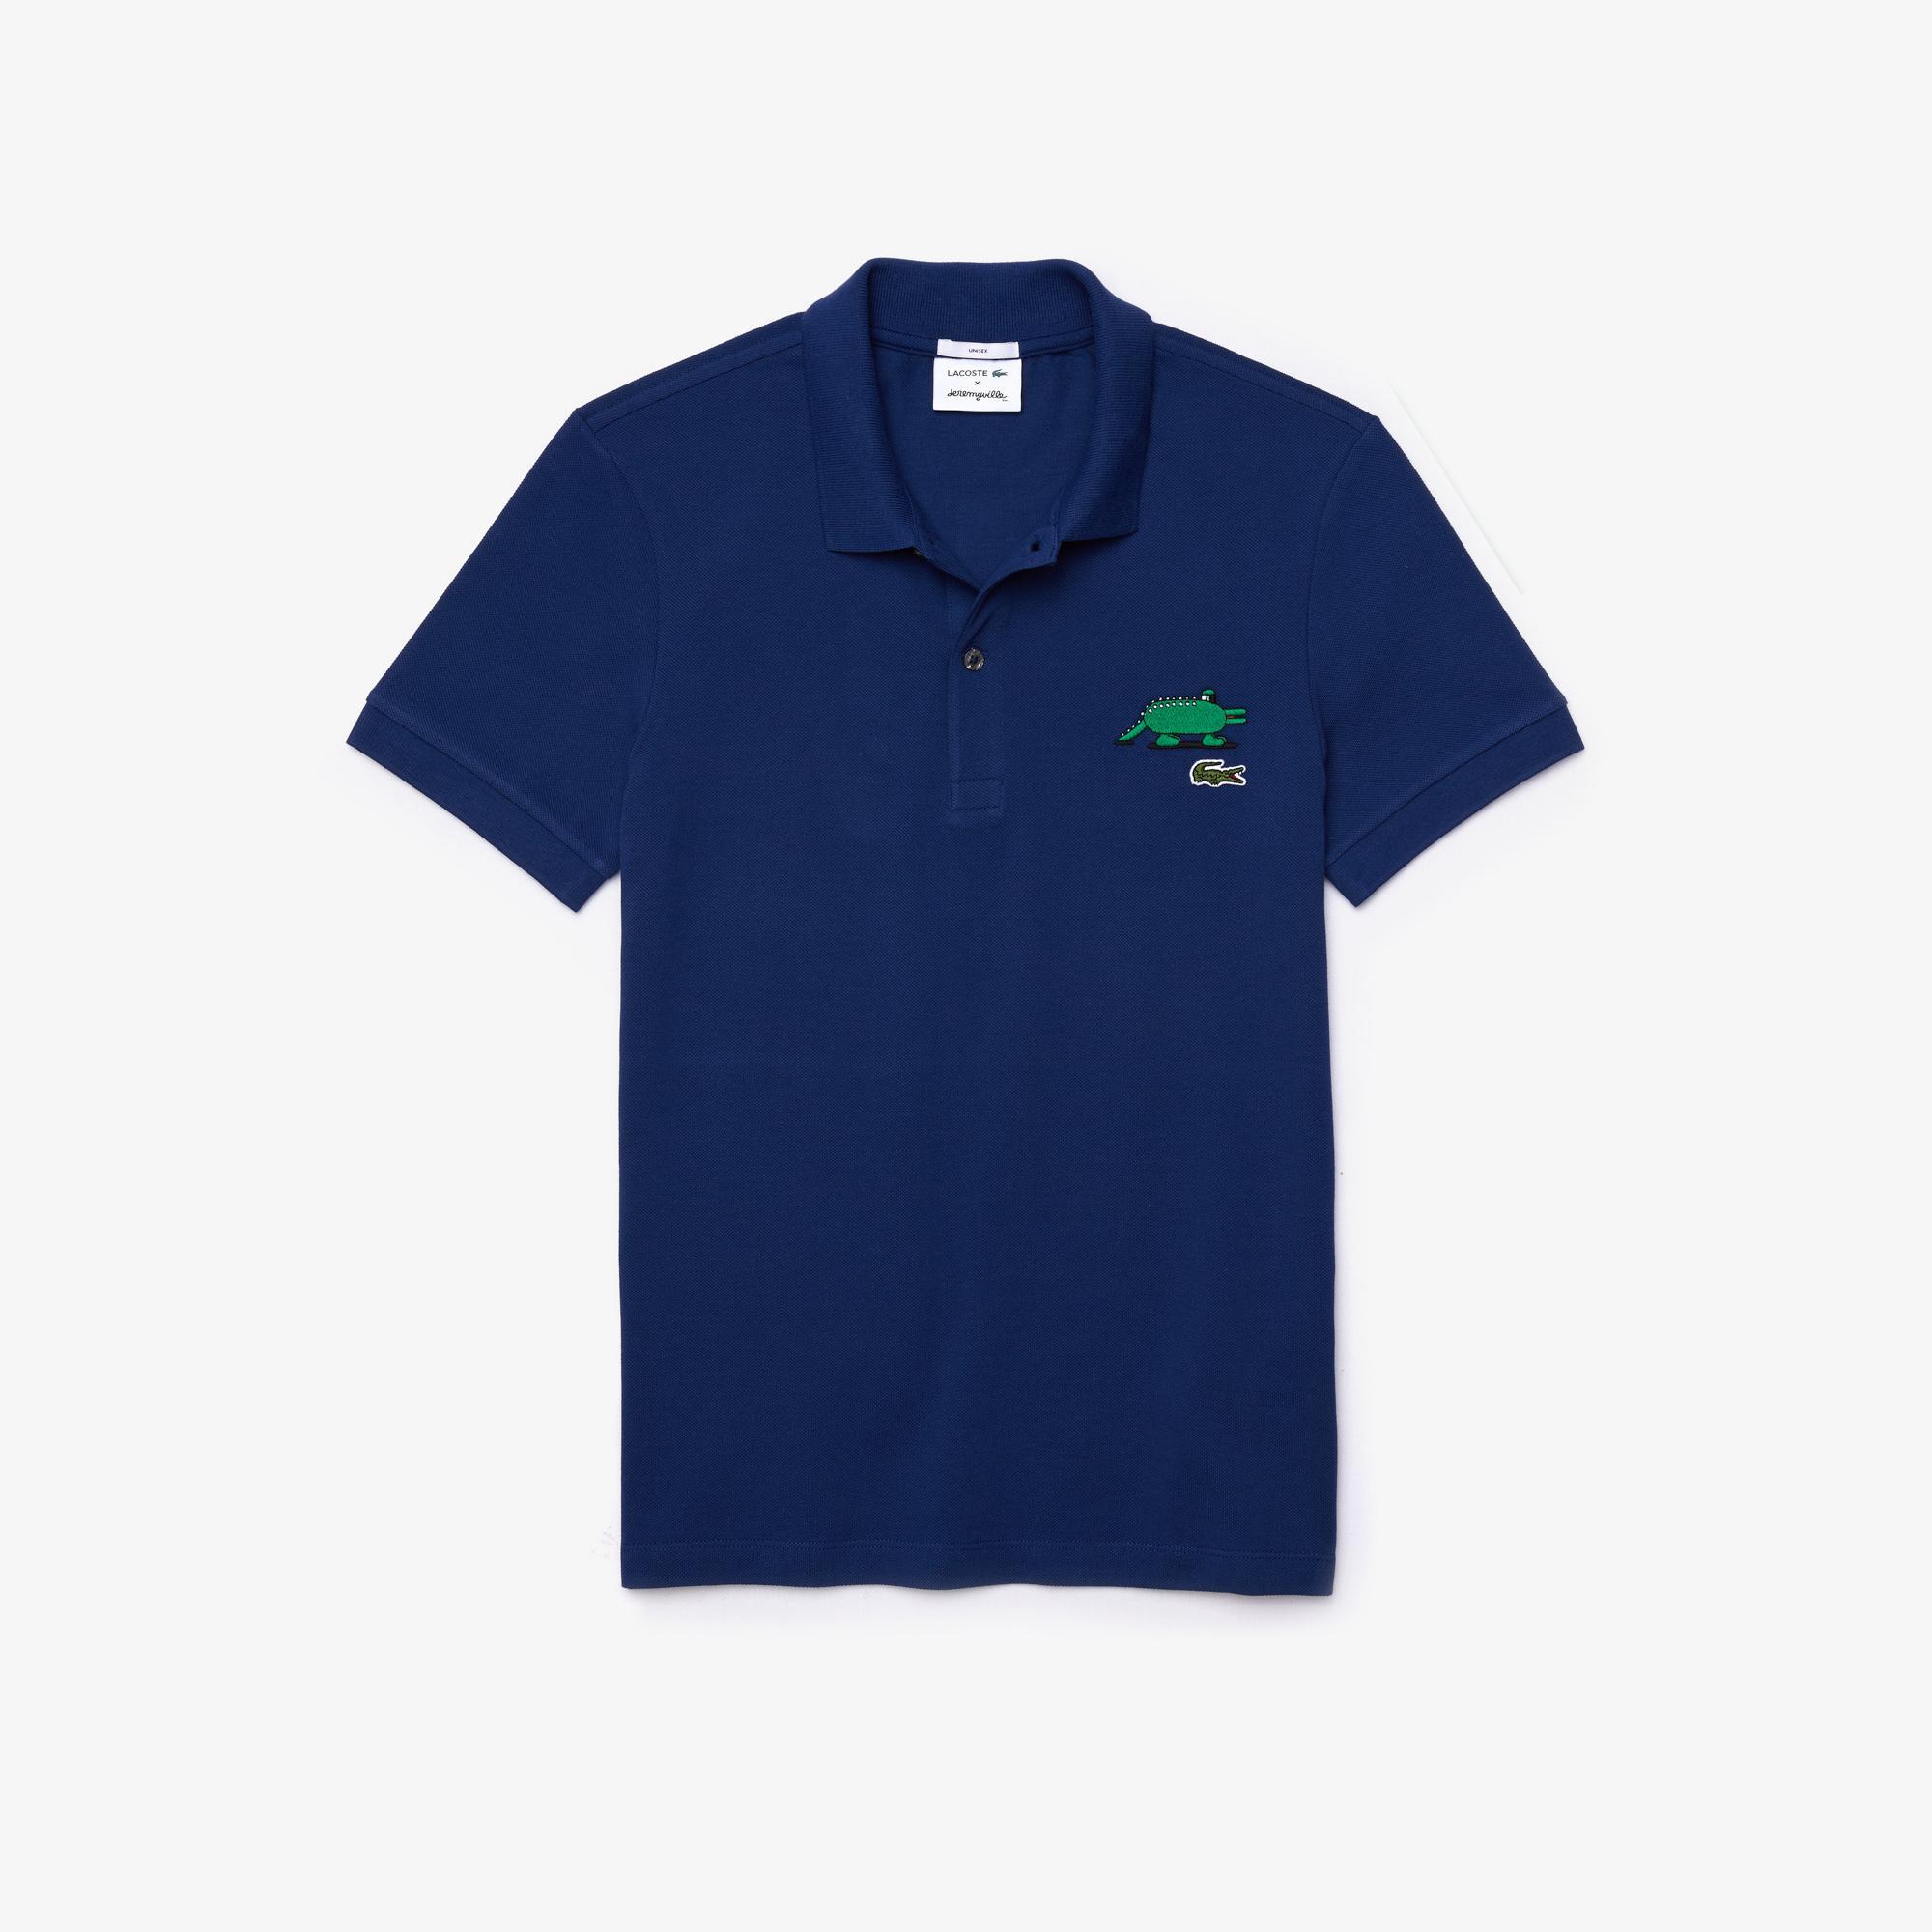 Lacoste Unisex x Jeremyville Design Classic Fit Polo Shirt